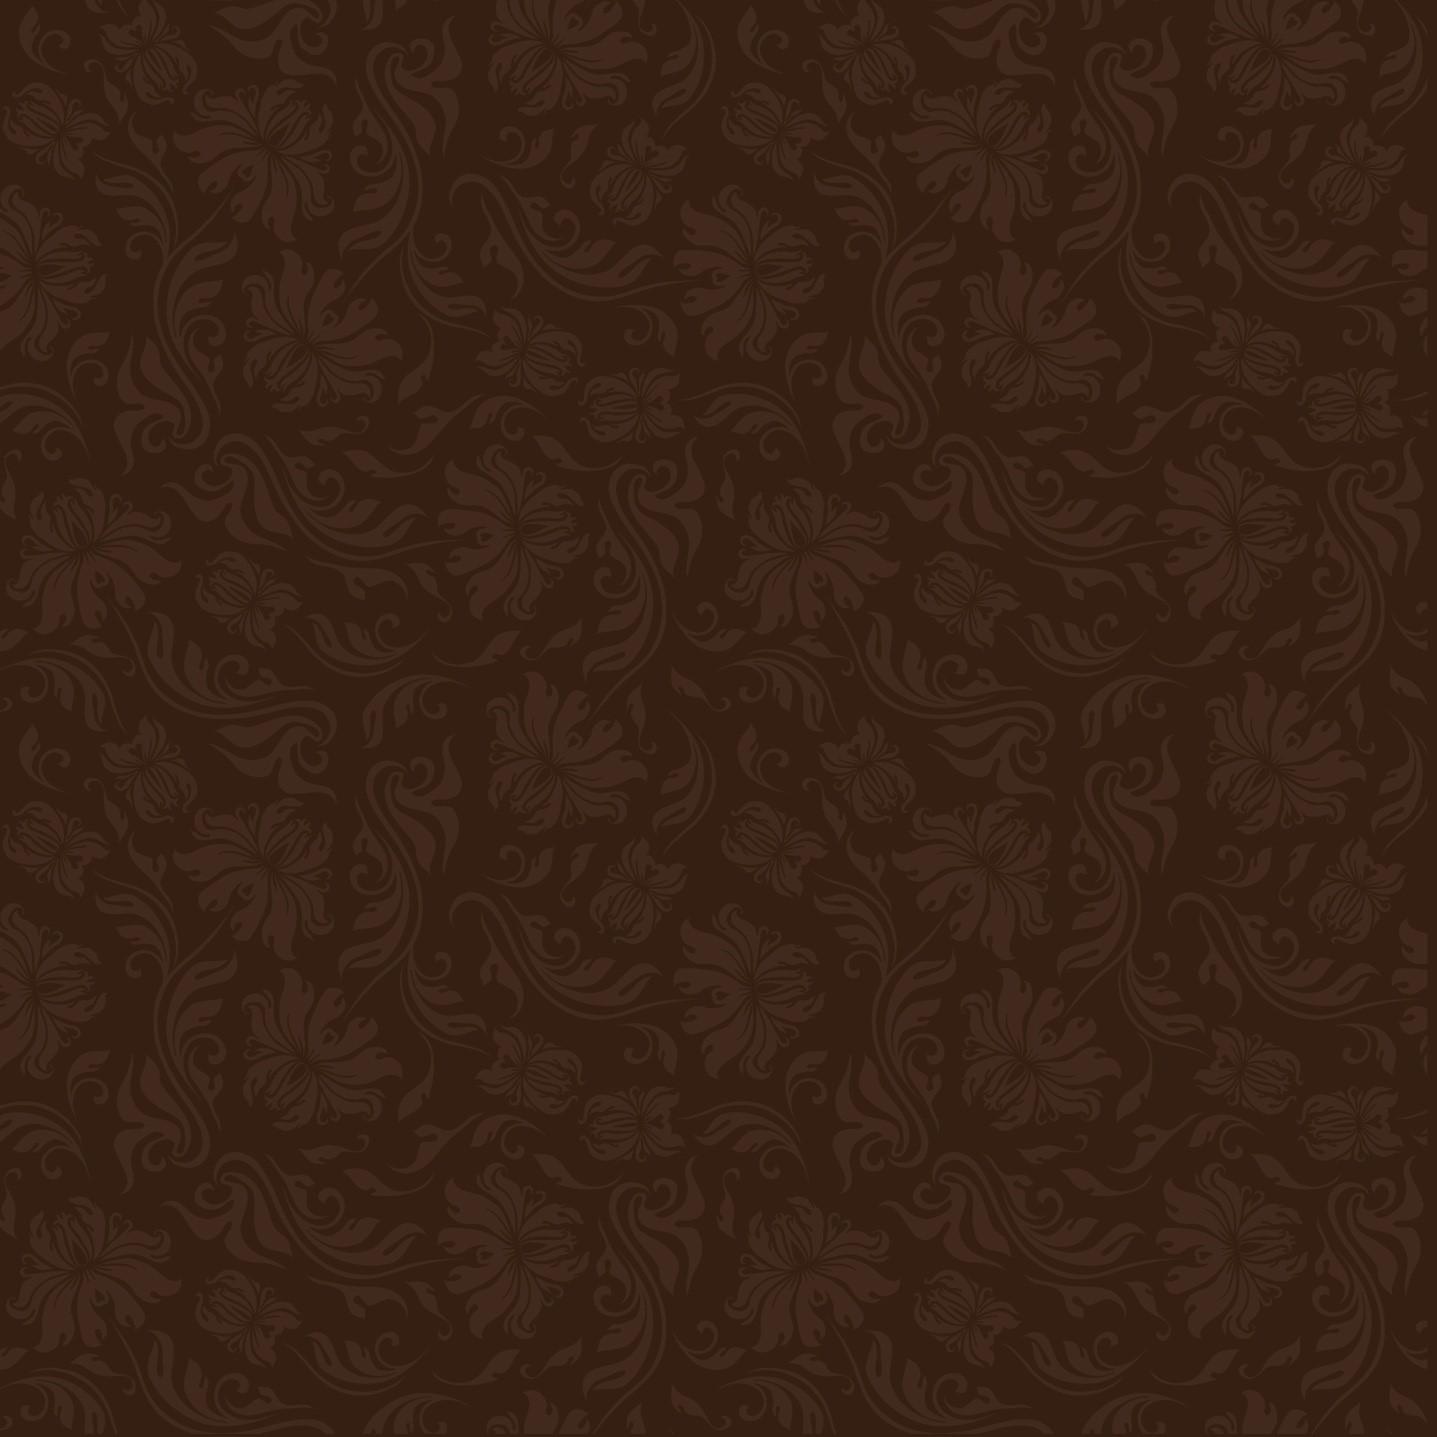 GlazurKer Keramický obklad GlazurKer Classic Floor Brown, 30x30 cm